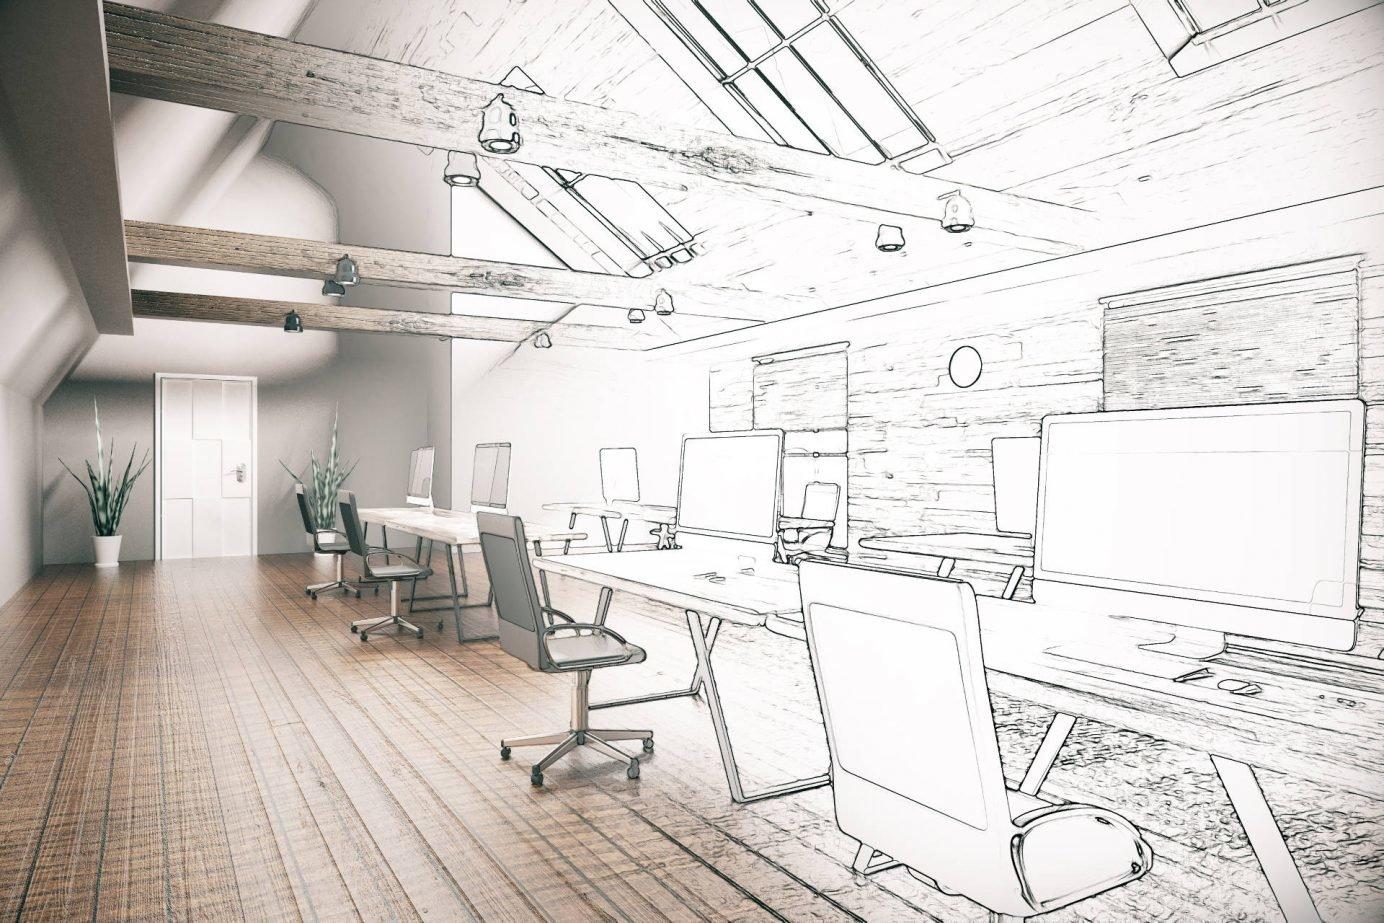 Aranżacja wnętrz,Wizualizacja projektu,rendering pomieszczenia biurowego, część narysowana ołówkiem, część z teksturami, biurka z krzesłami biurowymi, w tle drzwi i dwa kwietki w donicach